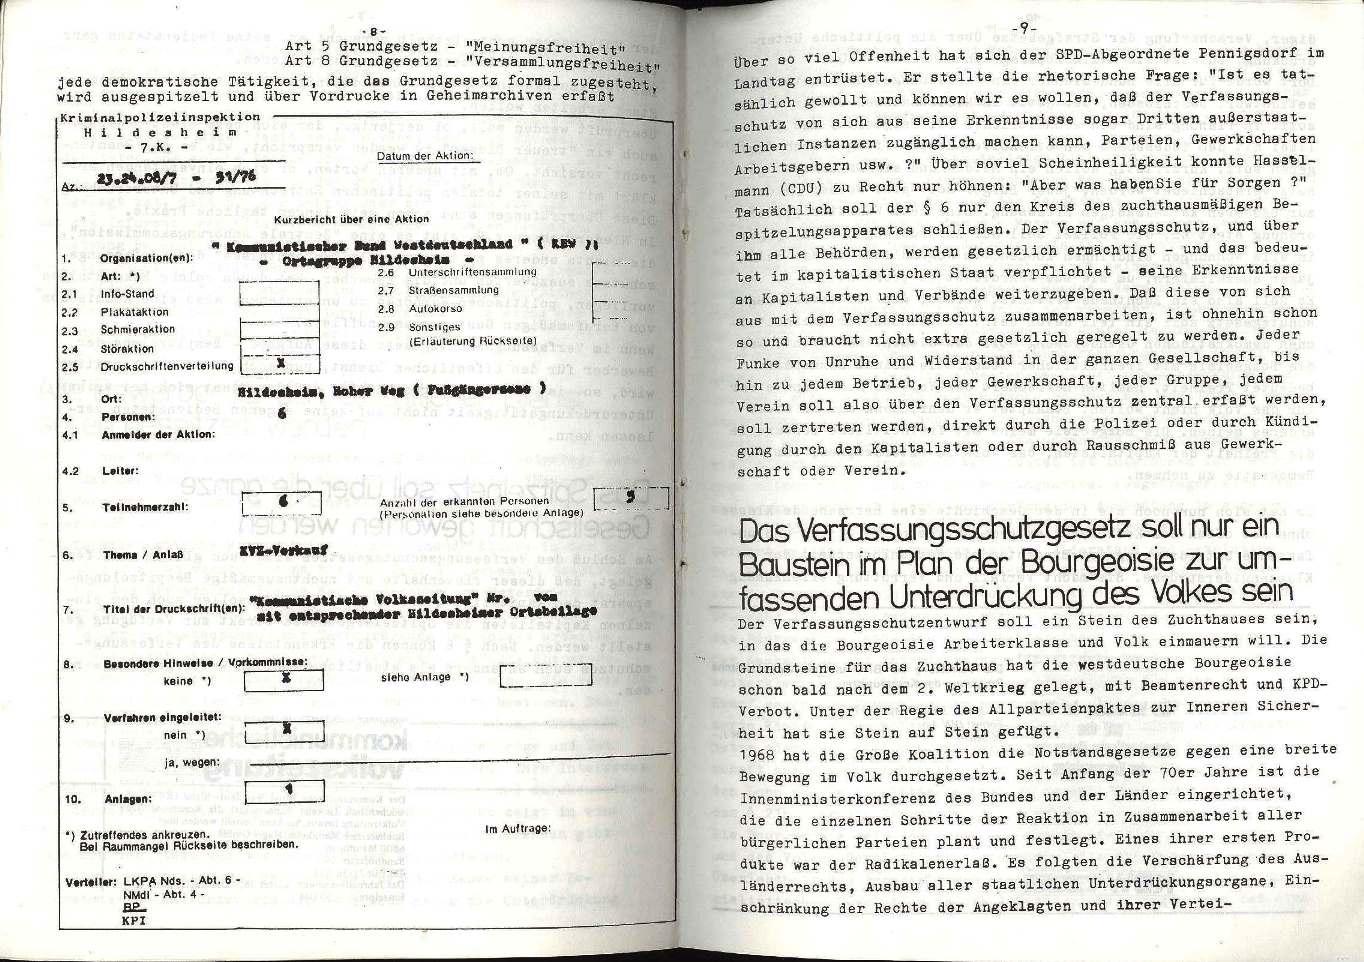 Hannover_Verfassungsschutzgesetz006